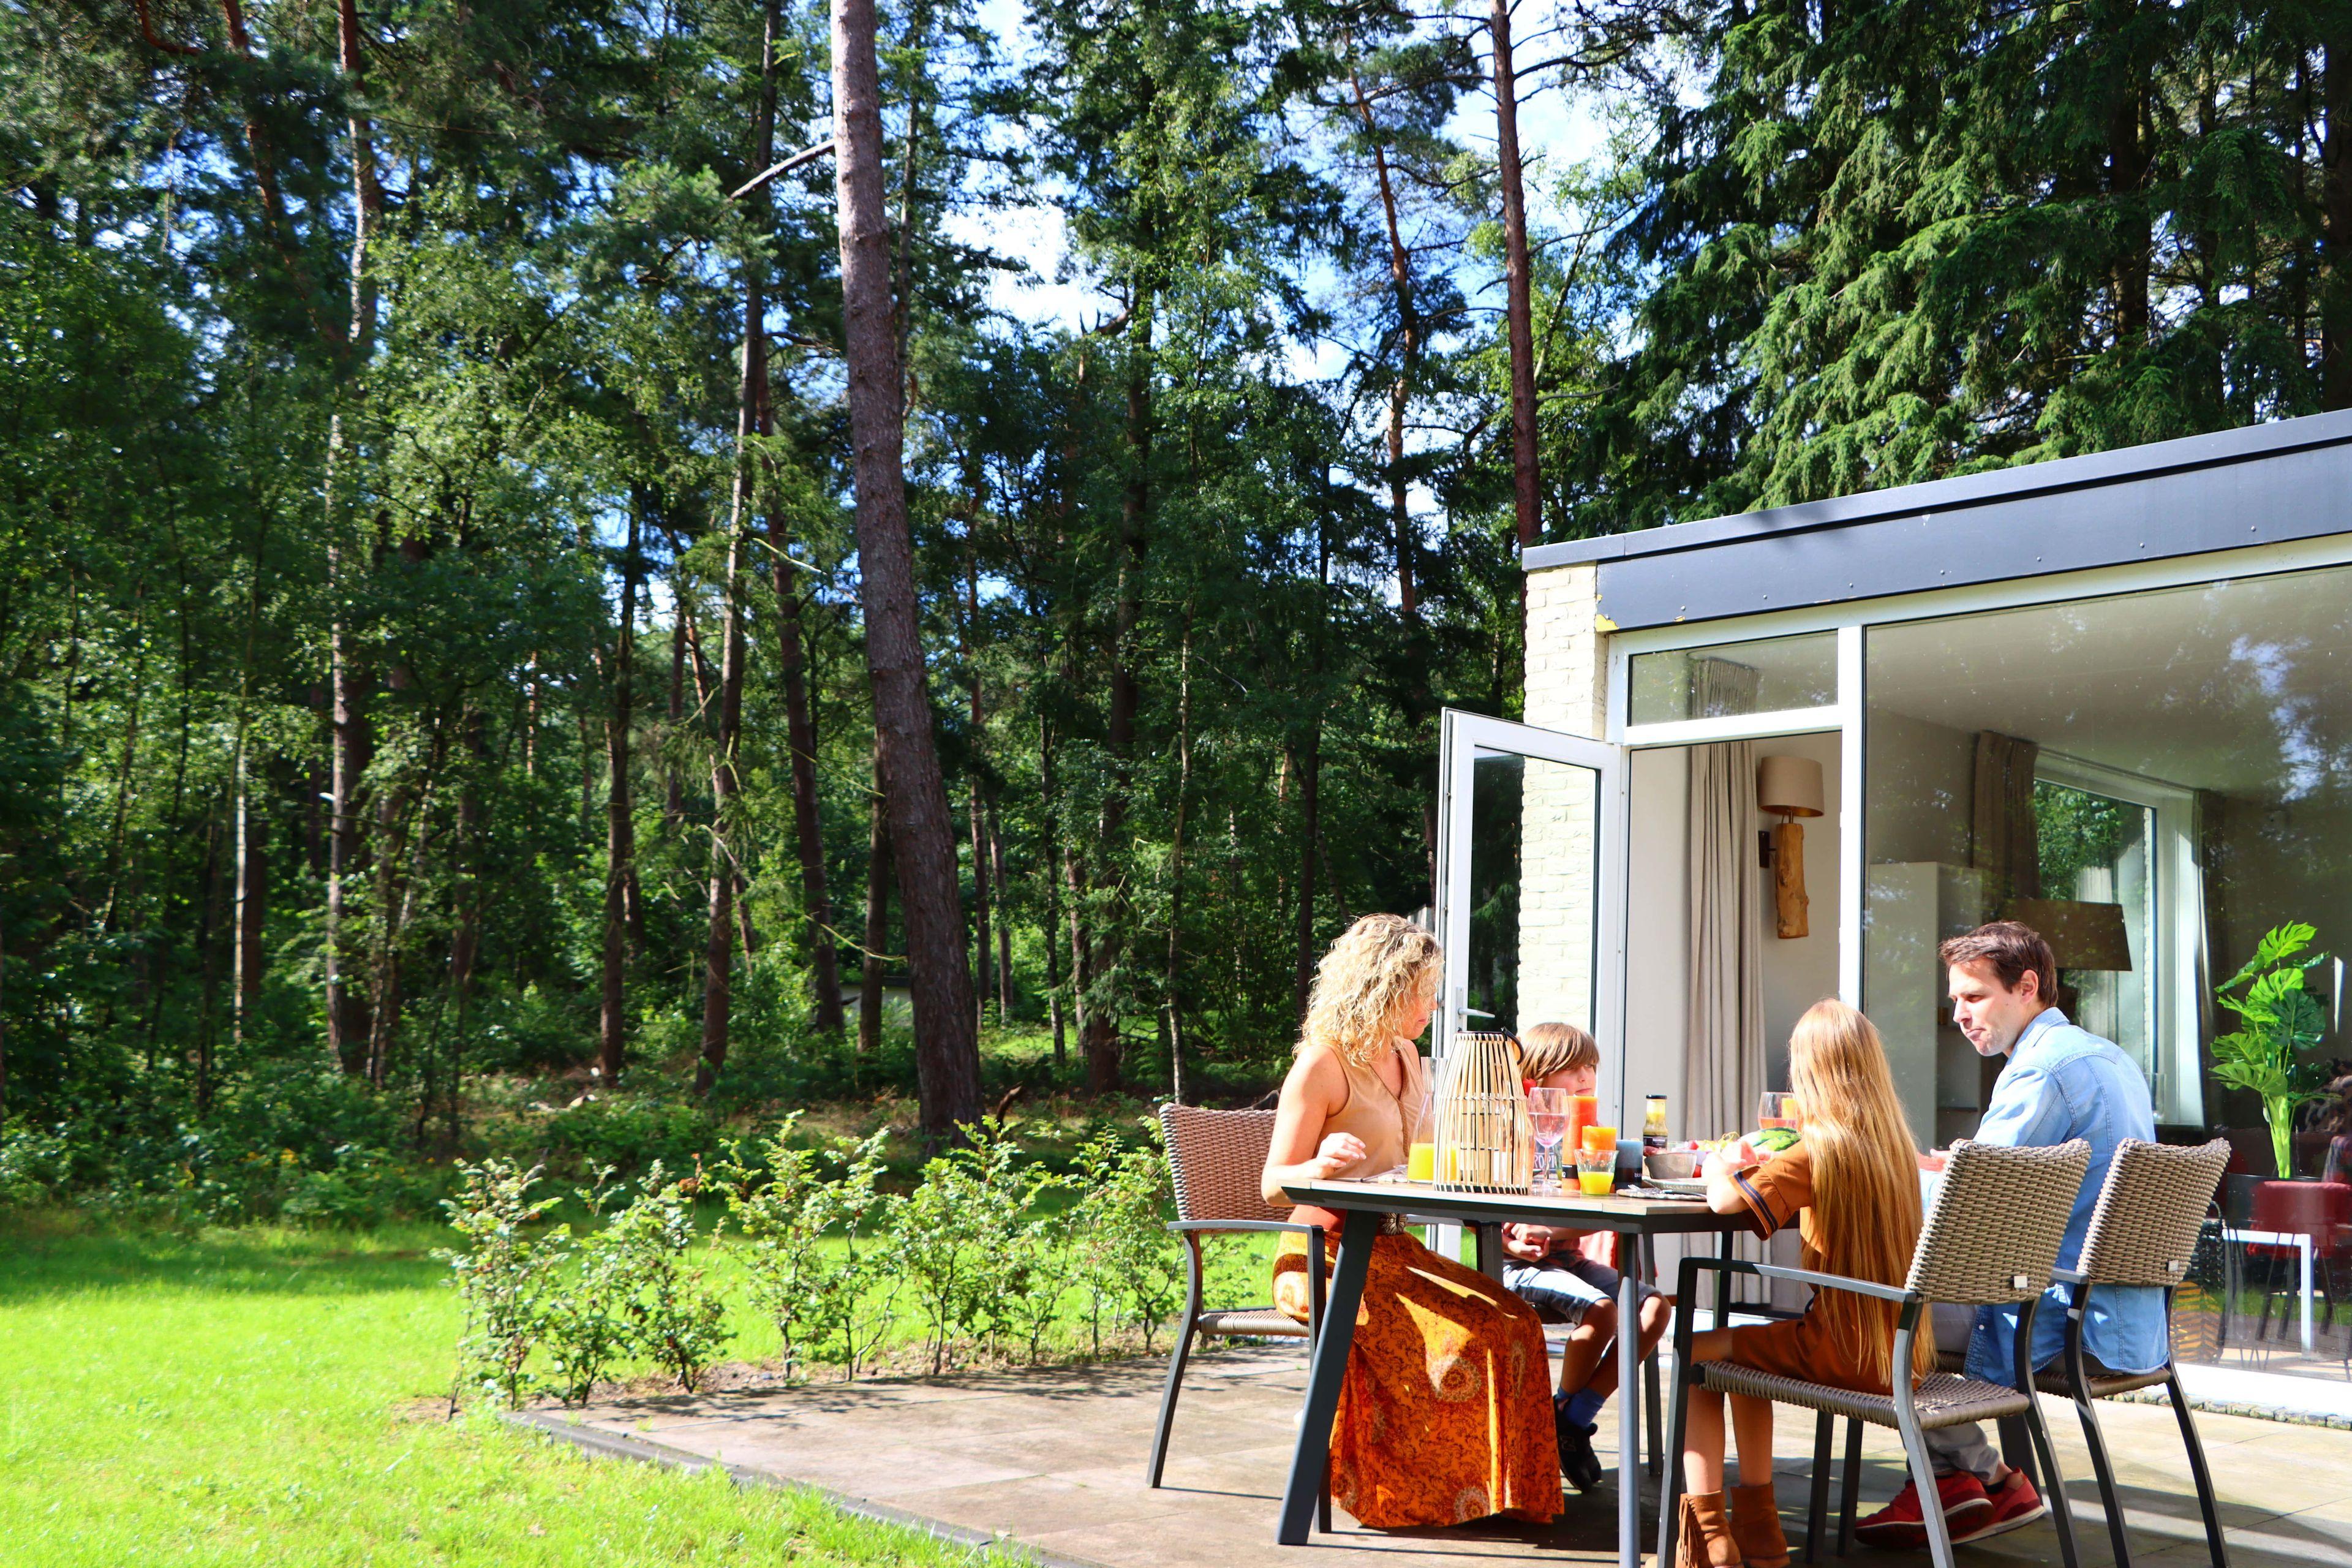 Vakantiedeal vakantiehuisje Vechtdal 🏕️Camping Ommerland